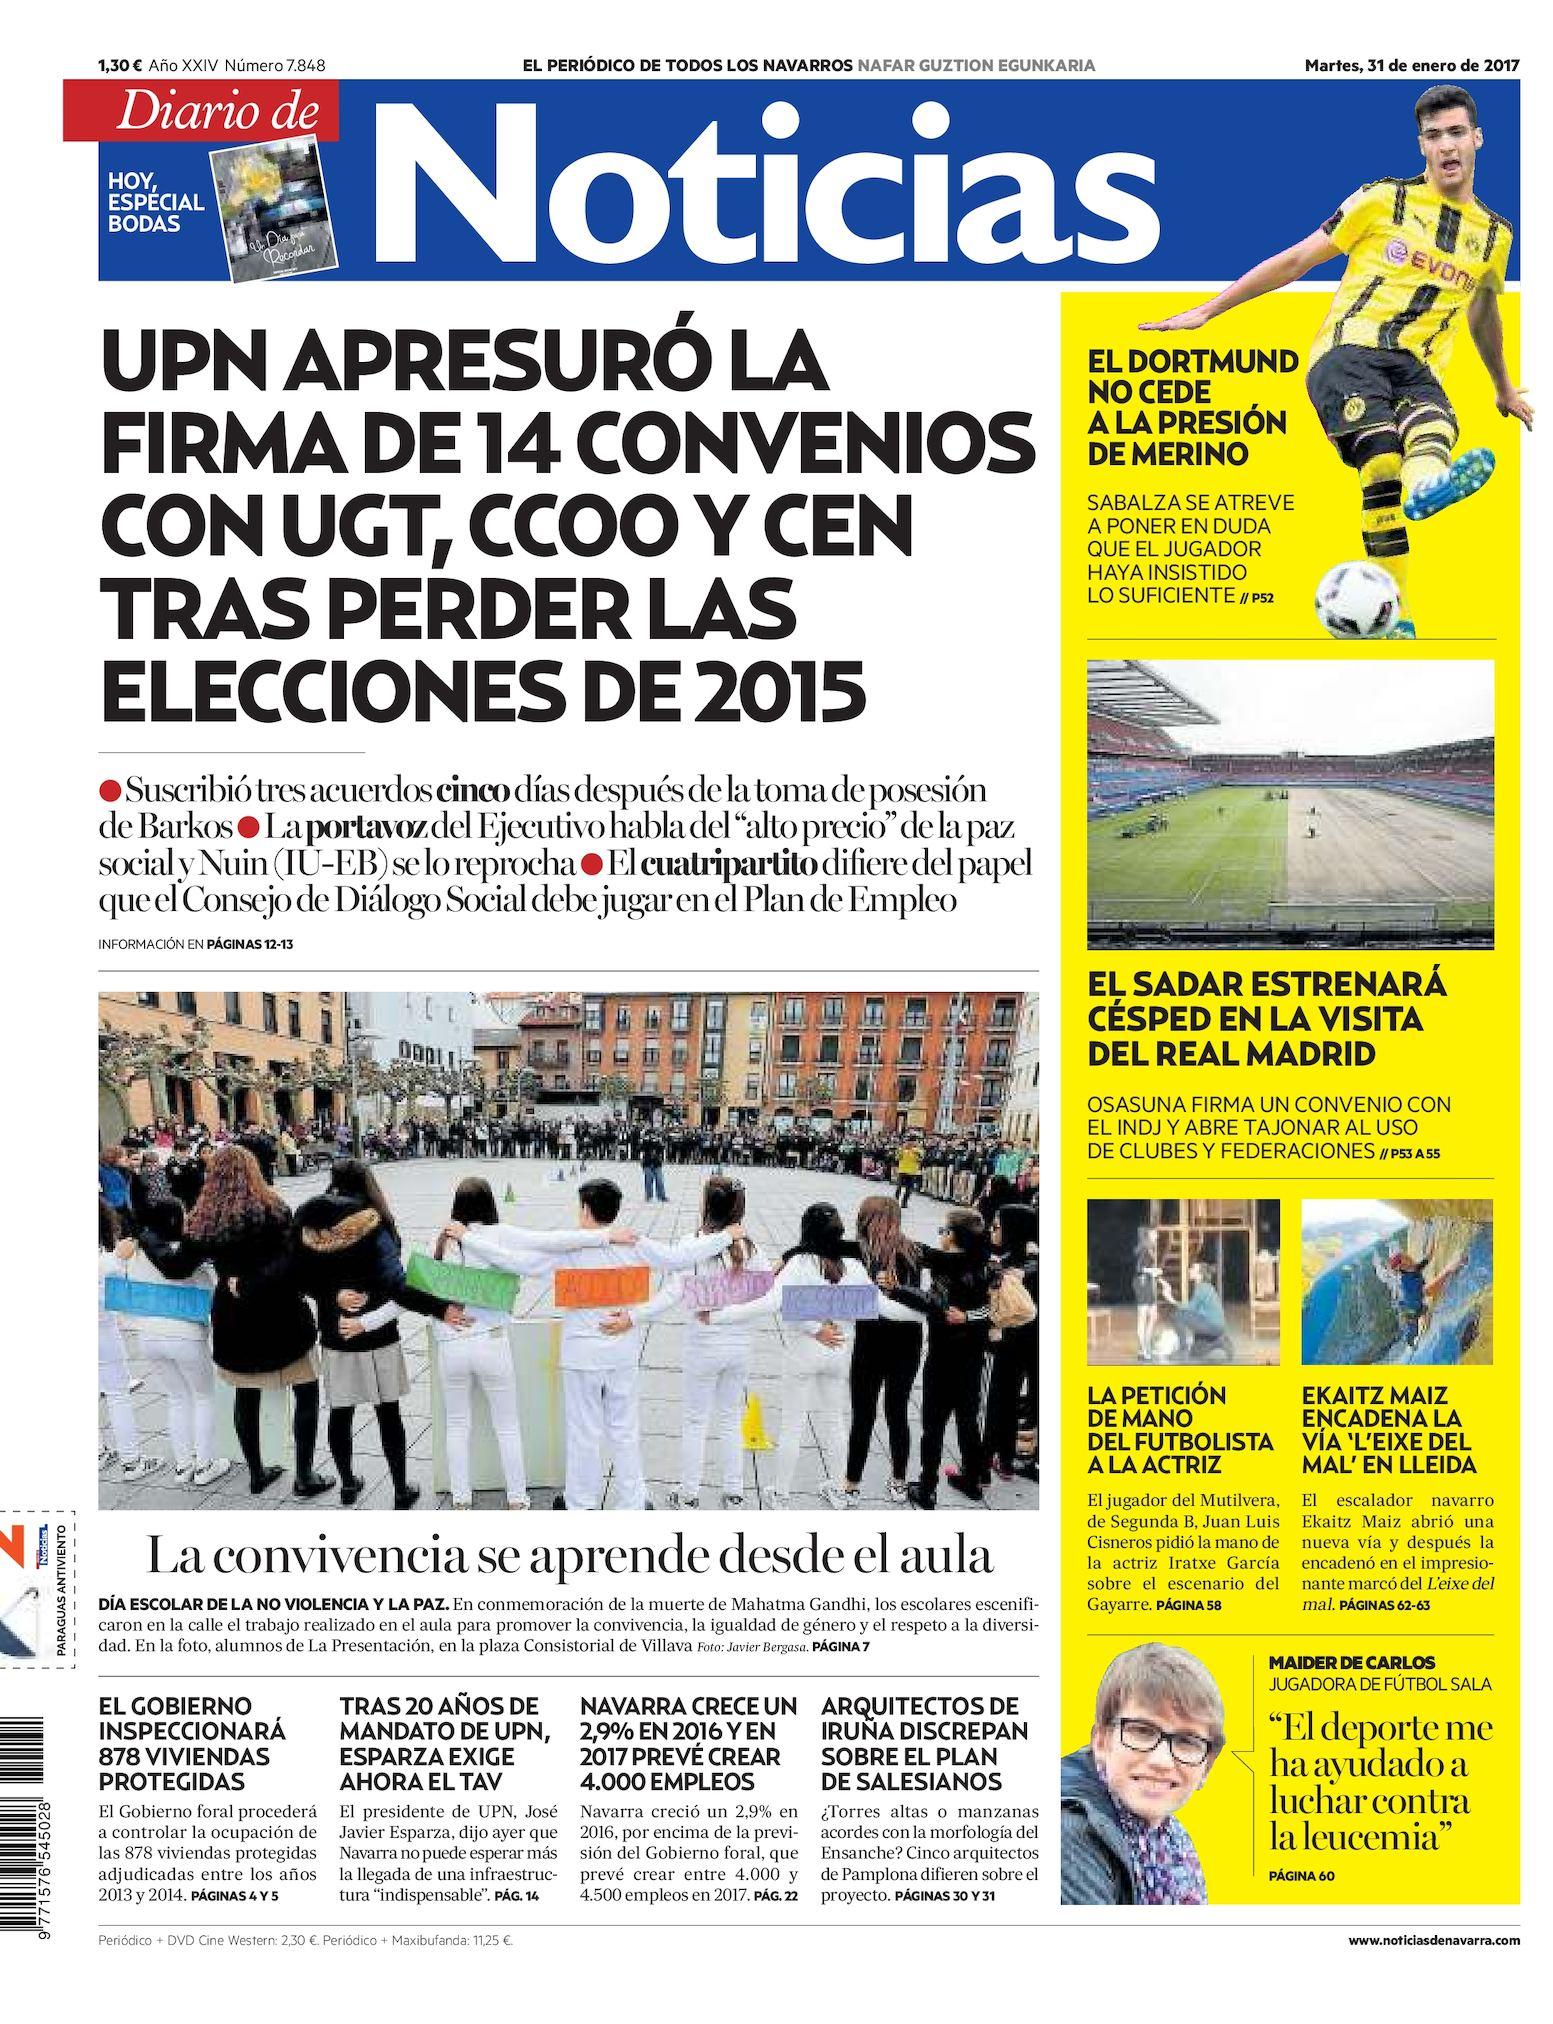 7036bee0b0e0d Calaméo - Diario de Noticias 20170131